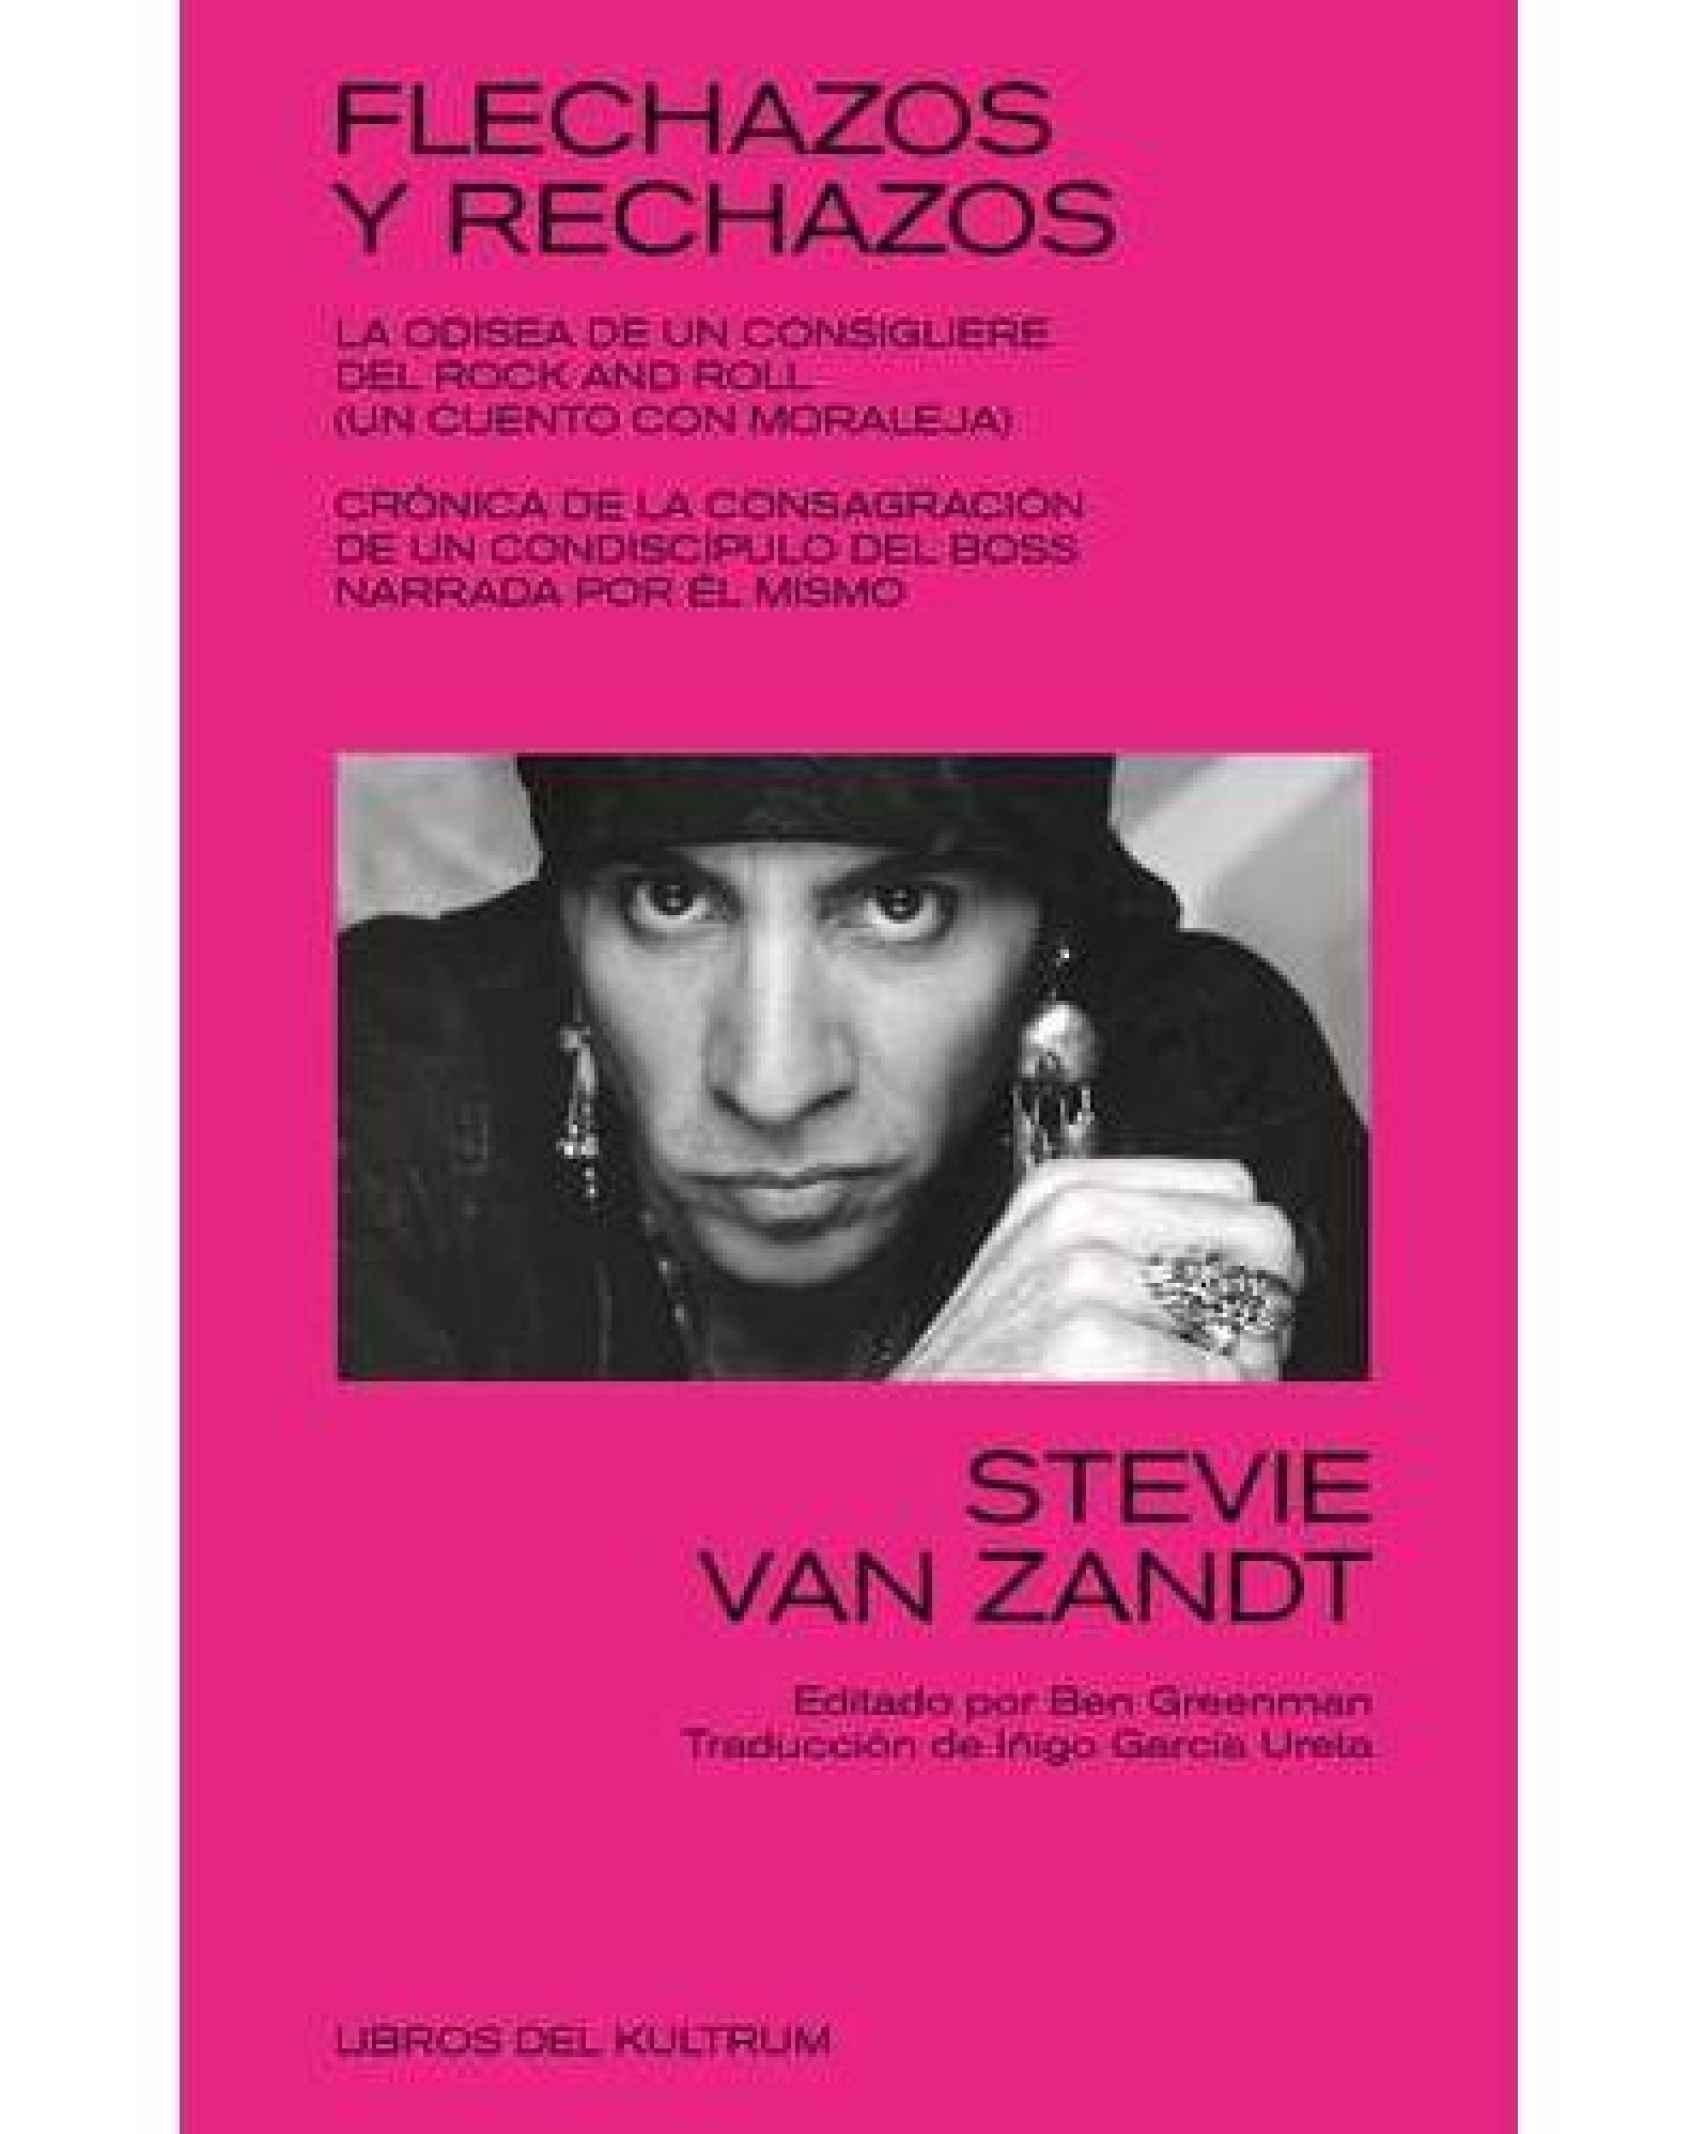 Portada de 'Flechazos y rechazos' de Stevie Van Zandt.